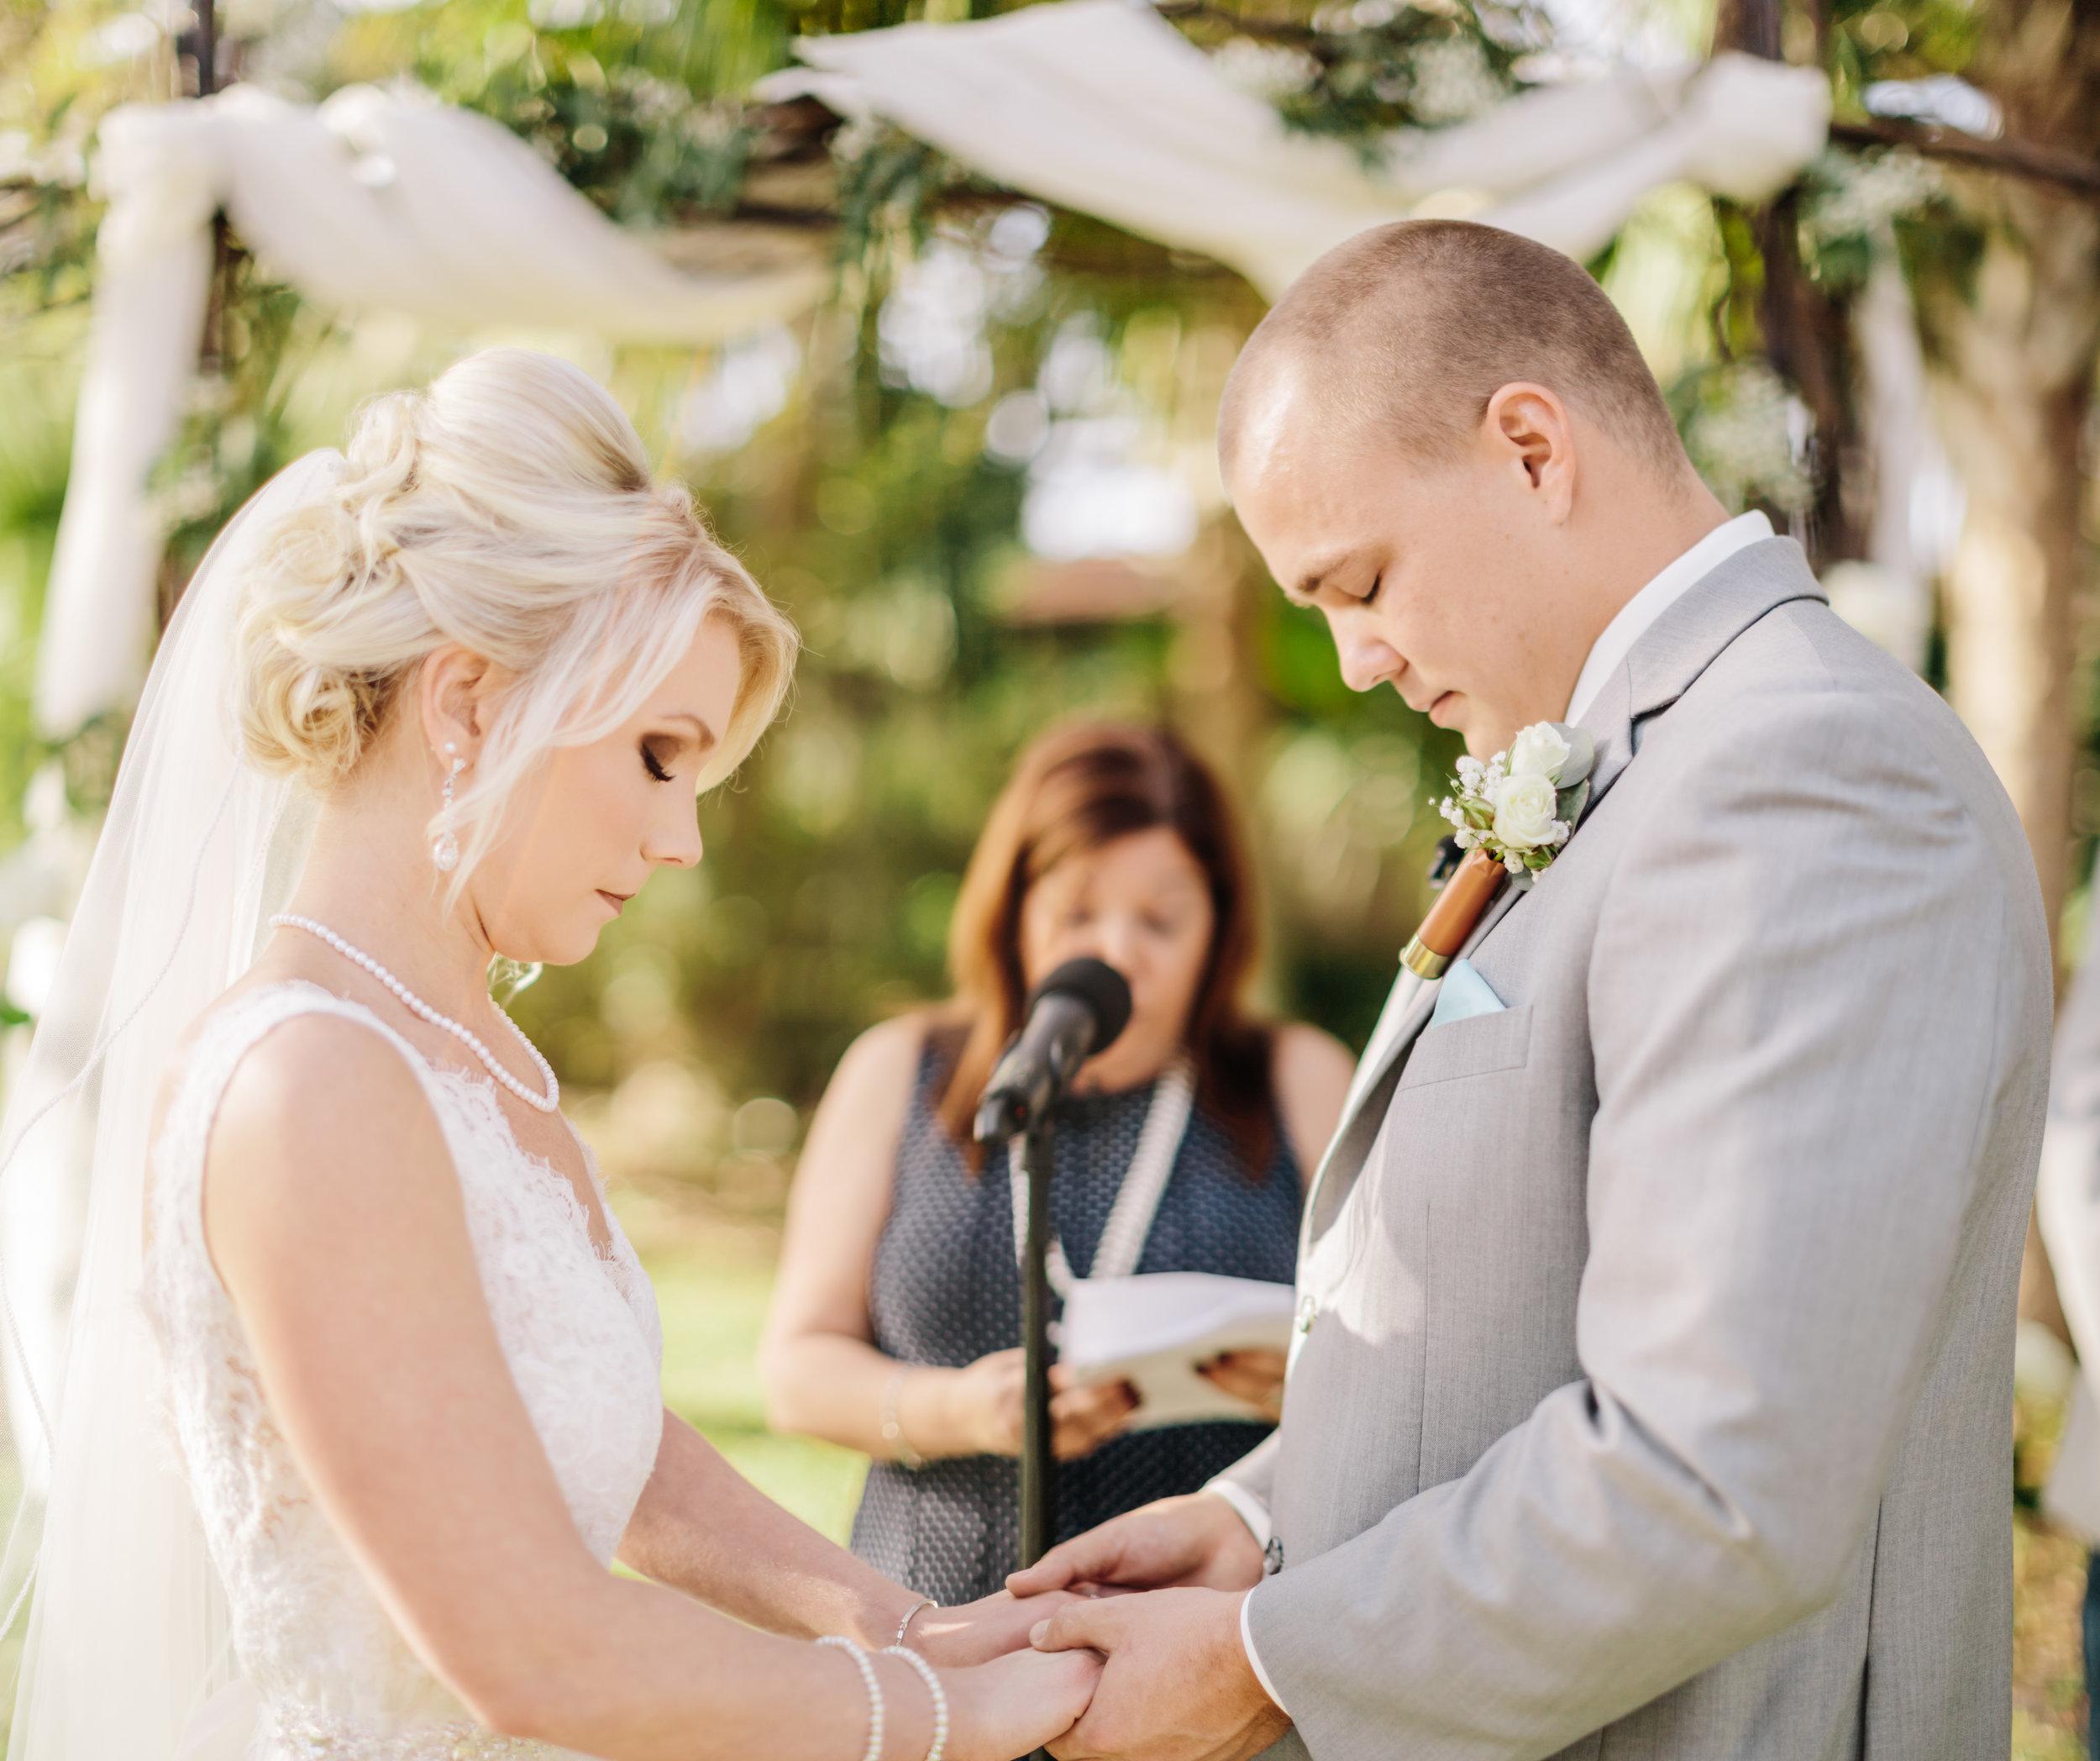 2018.02.10 Mariah and Ryan Baker Estate on Halifax Wedding (503 of 1218).jpg